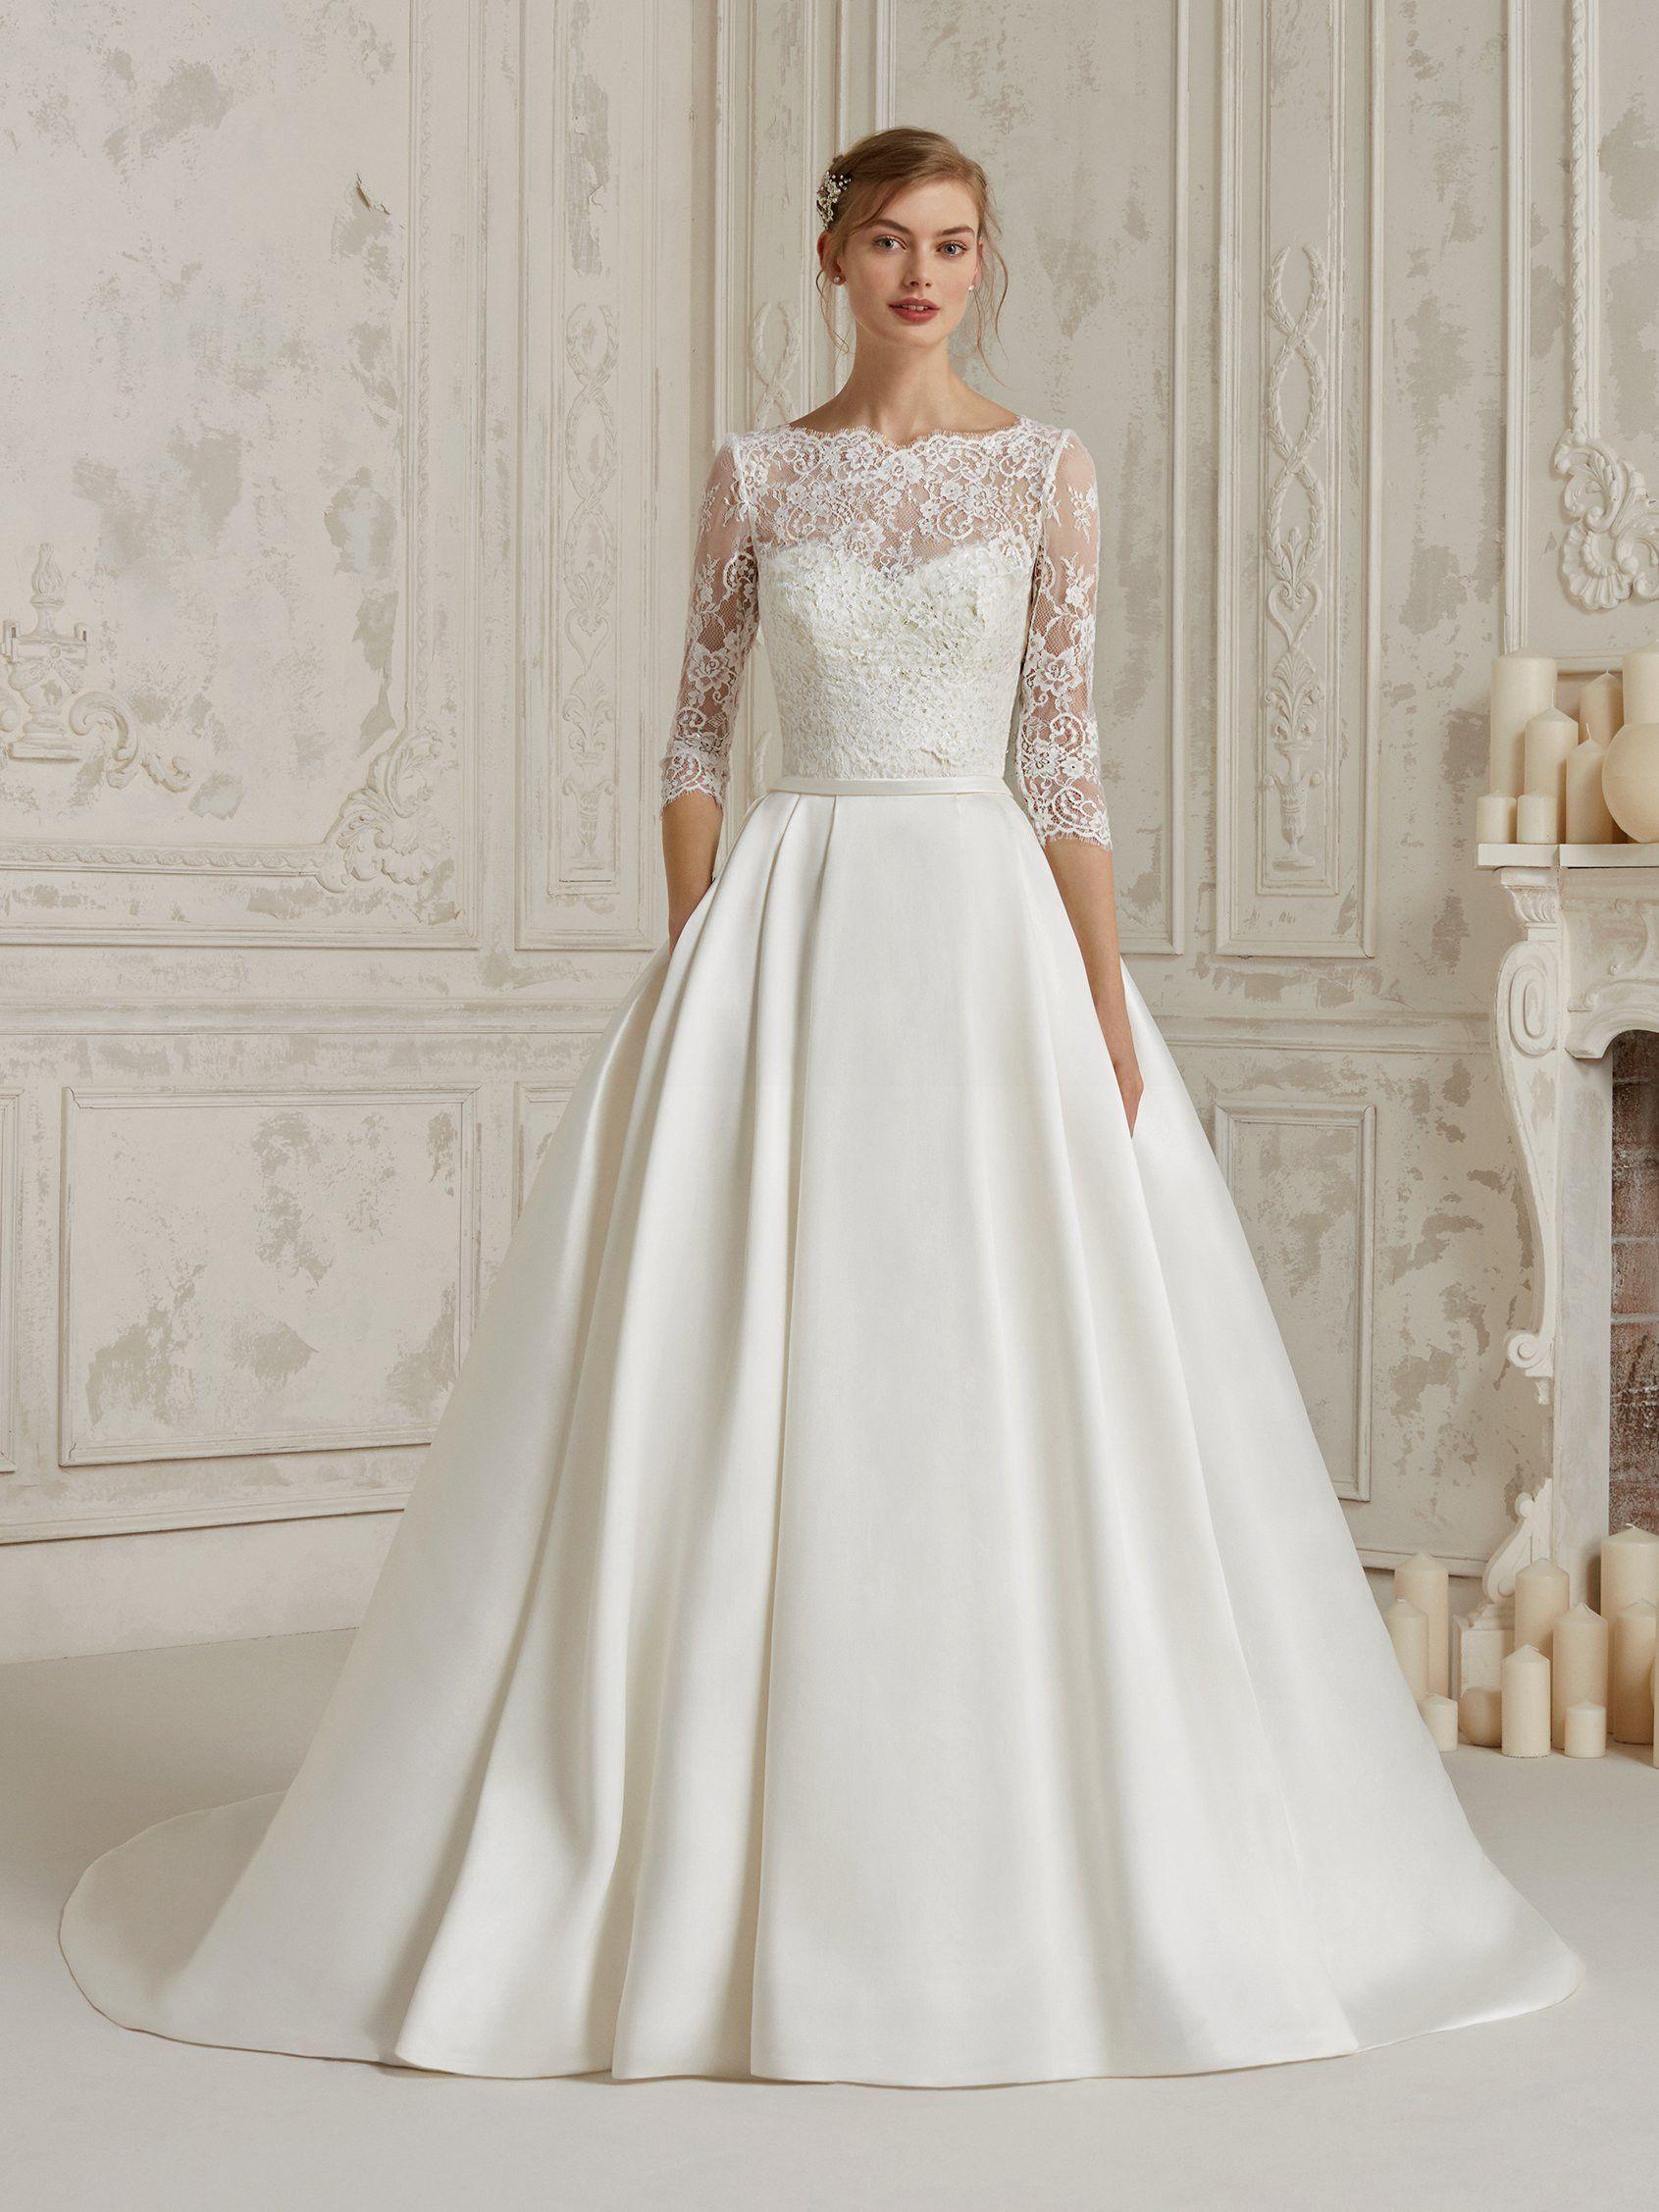 Pronovias Coleção De Vestidos De Noiva 2019 Wedding Dress W 2019